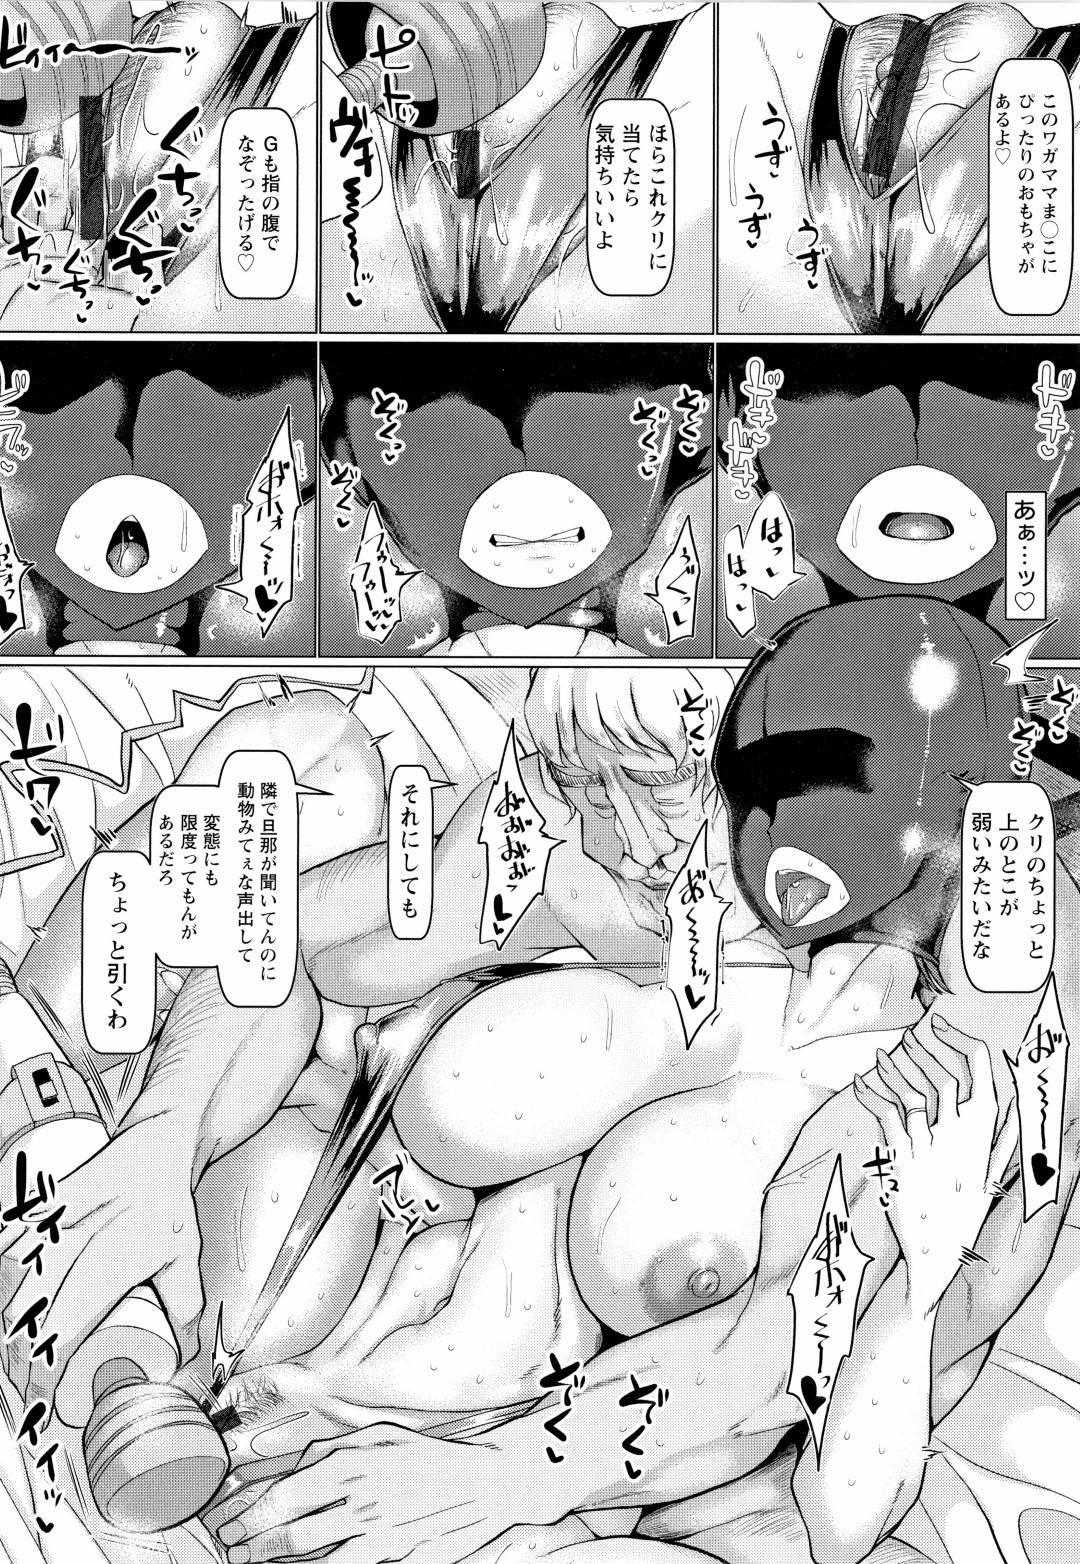 【エロ漫画】一目惚れした旦那と結婚した巨乳人妻…しかし旦那から定期的に友人とセックスして欲しいと頼まれ断りきれず公認で中出しセックスをする!【chin】